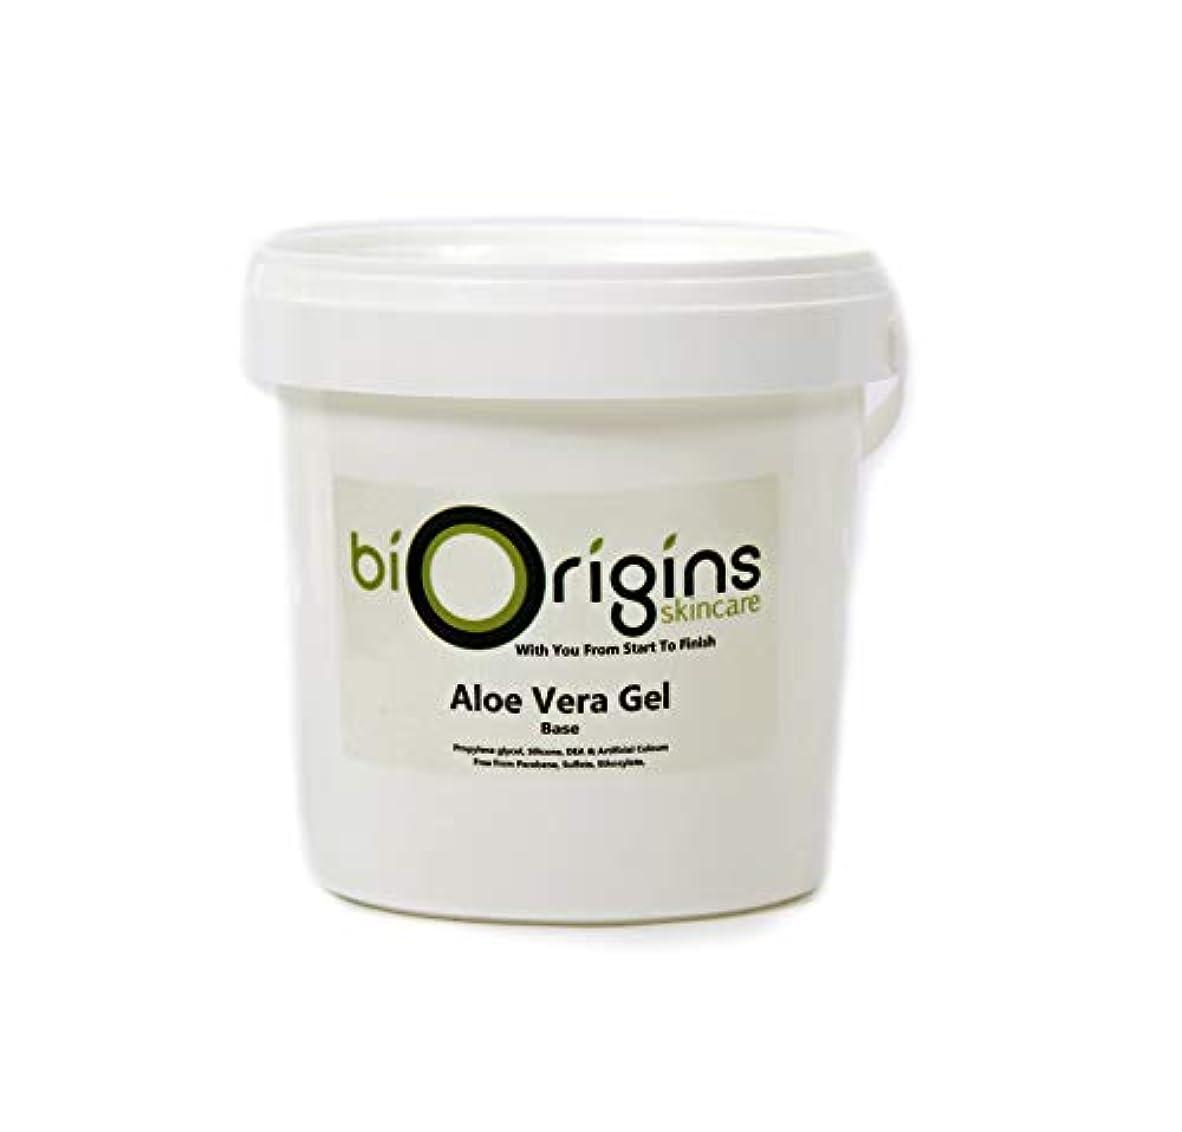 アプローチ汚物ほとんどの場合Aloe Vera Gel Skincare Base 1Kg